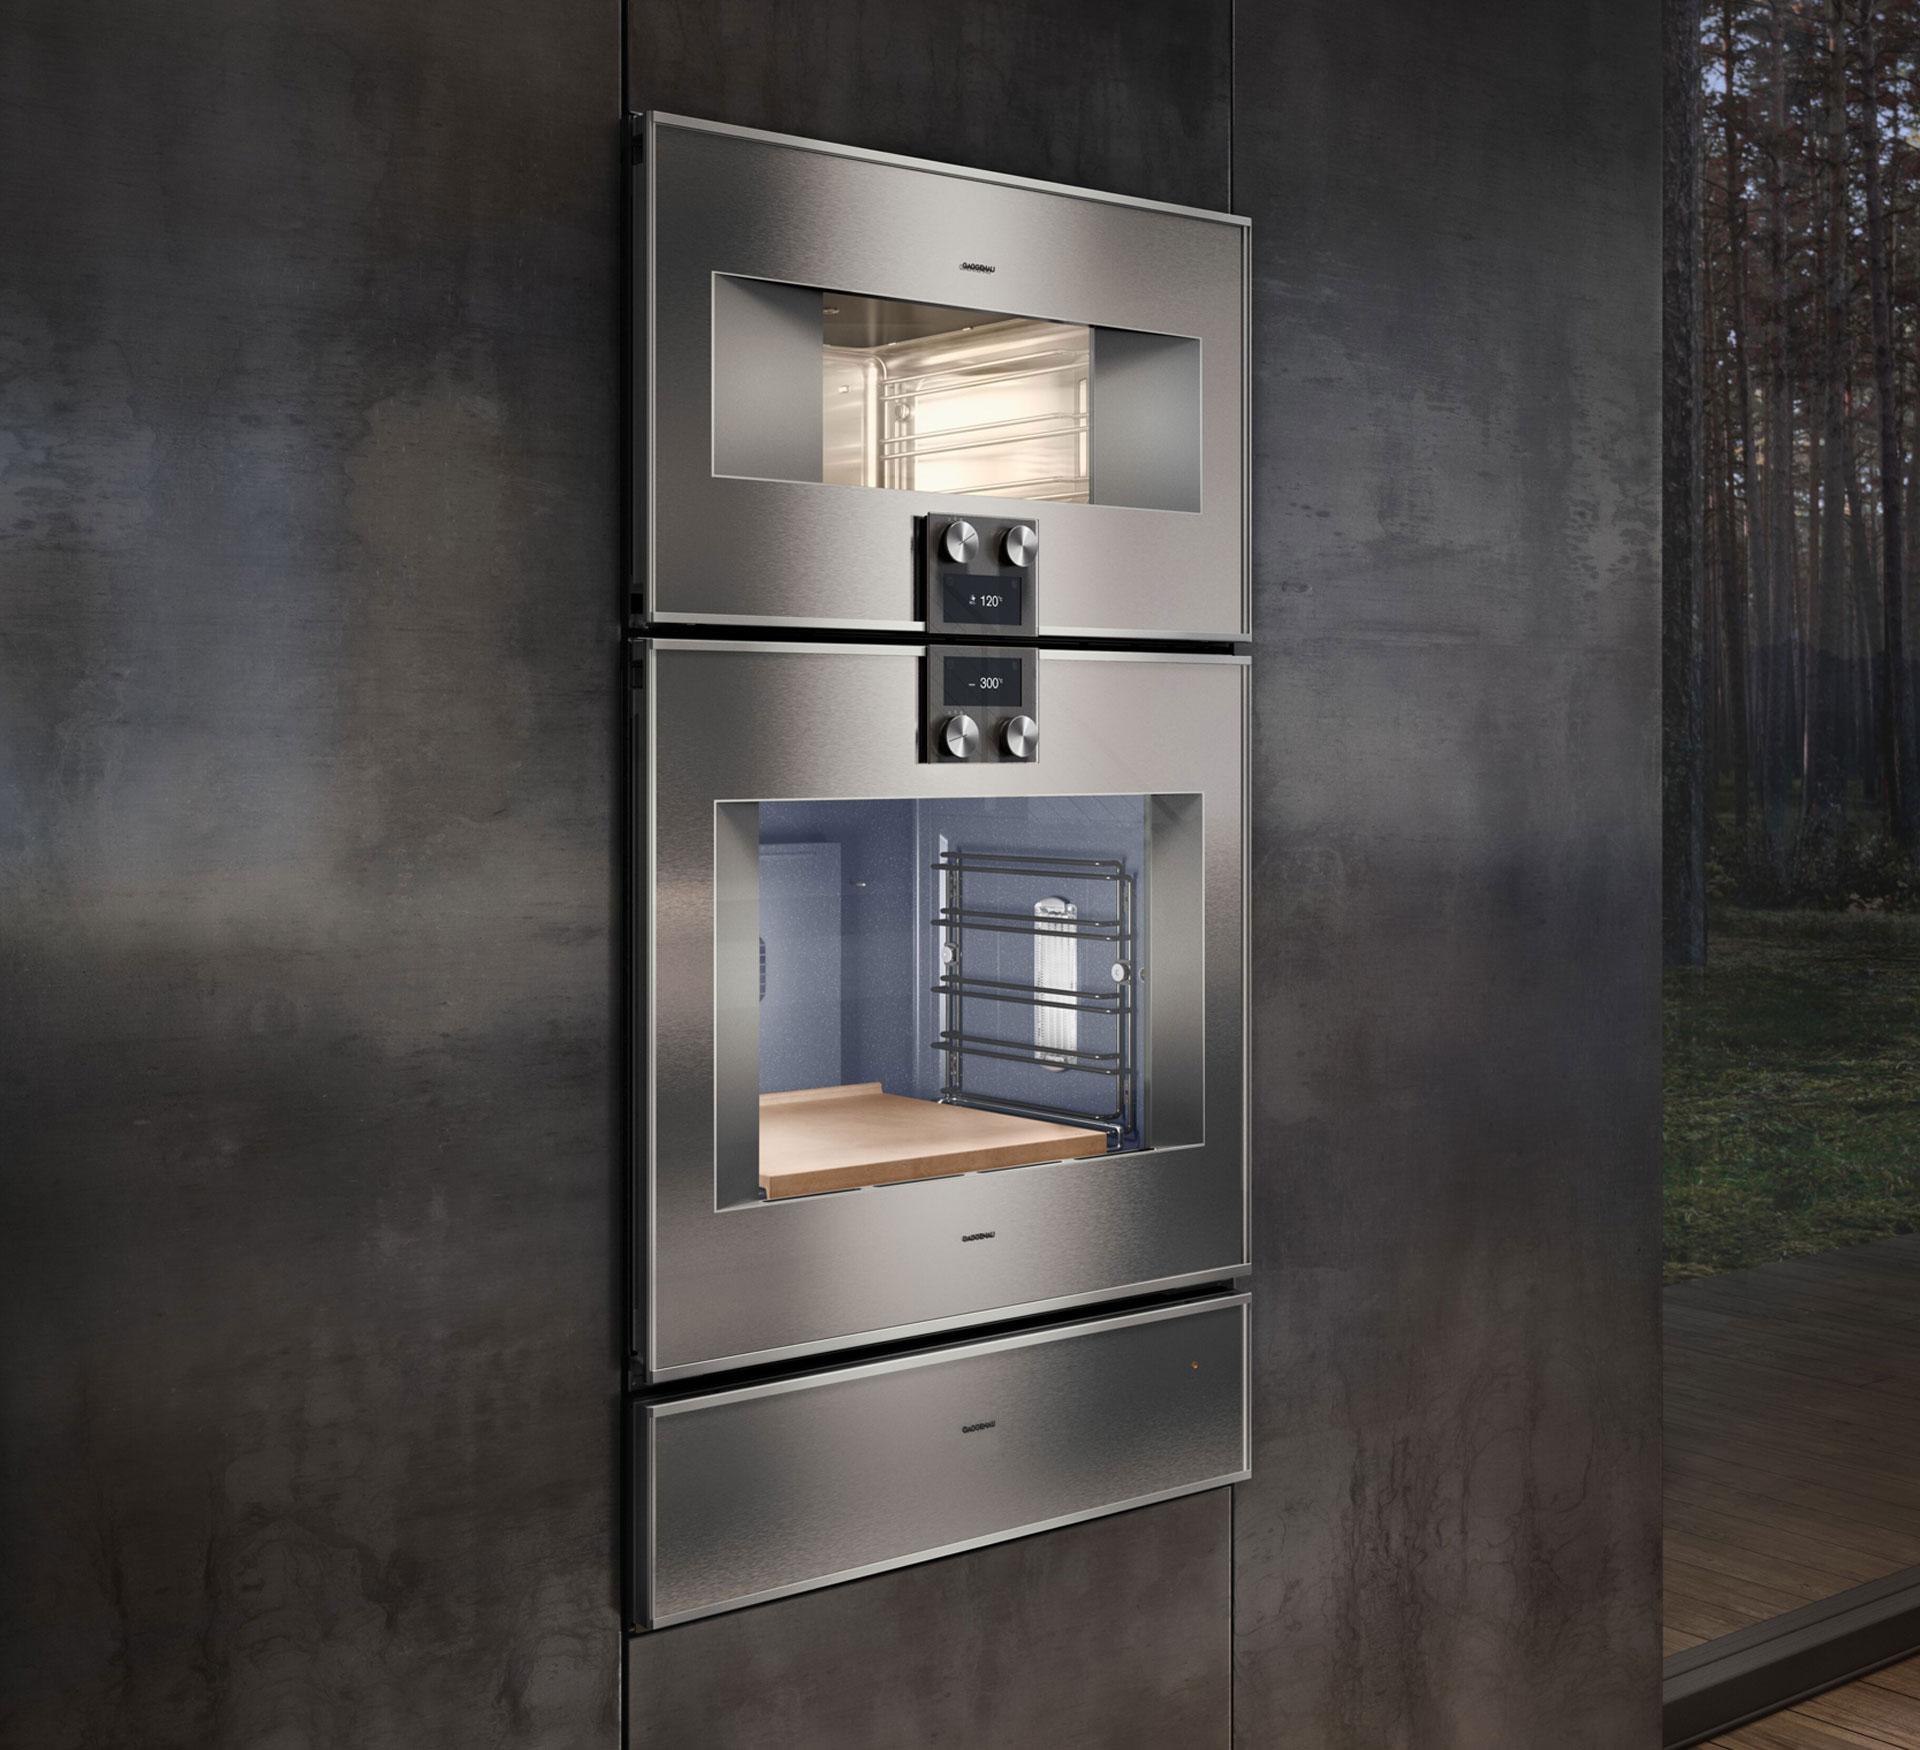 Gaggenau Dampfbackofen Serie 400 in einer dunkeln Küche verbaut